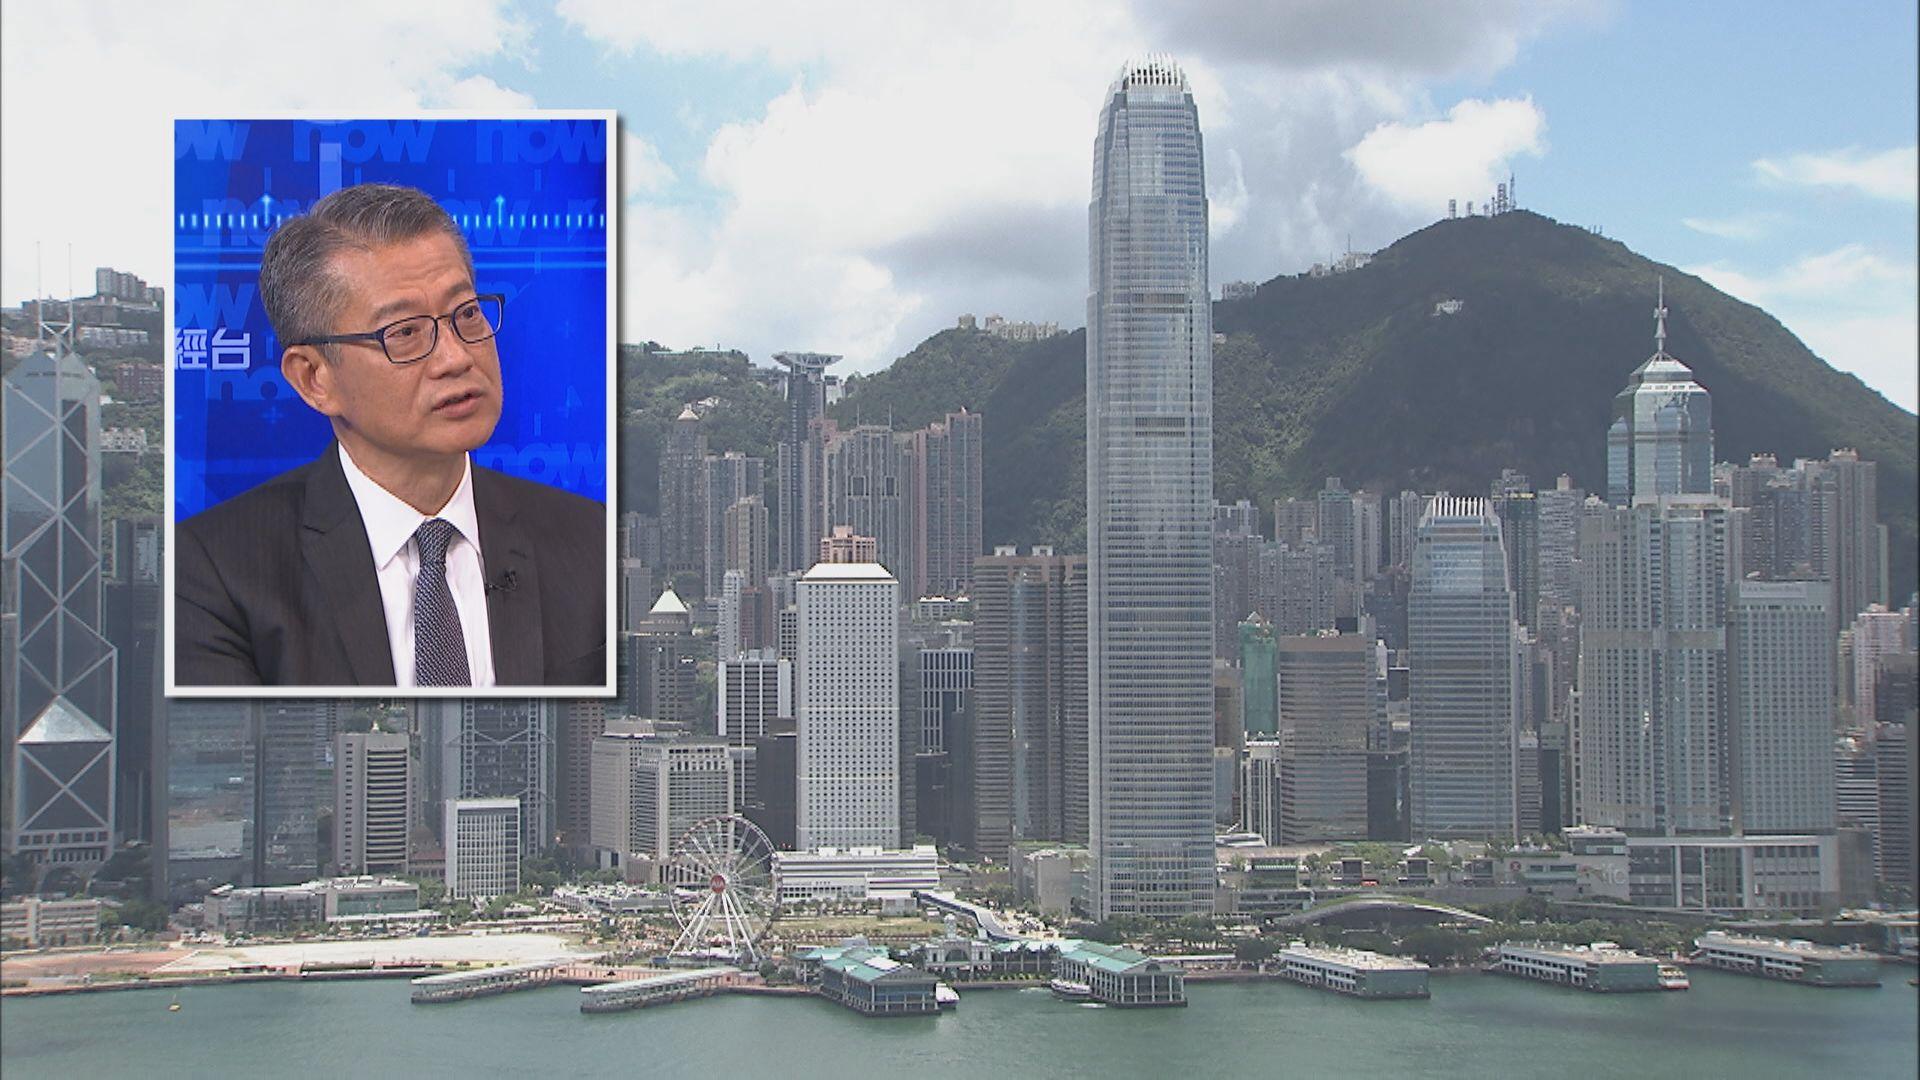 陳茂波:今年度財政赤字逾3000億 歷來規模最大